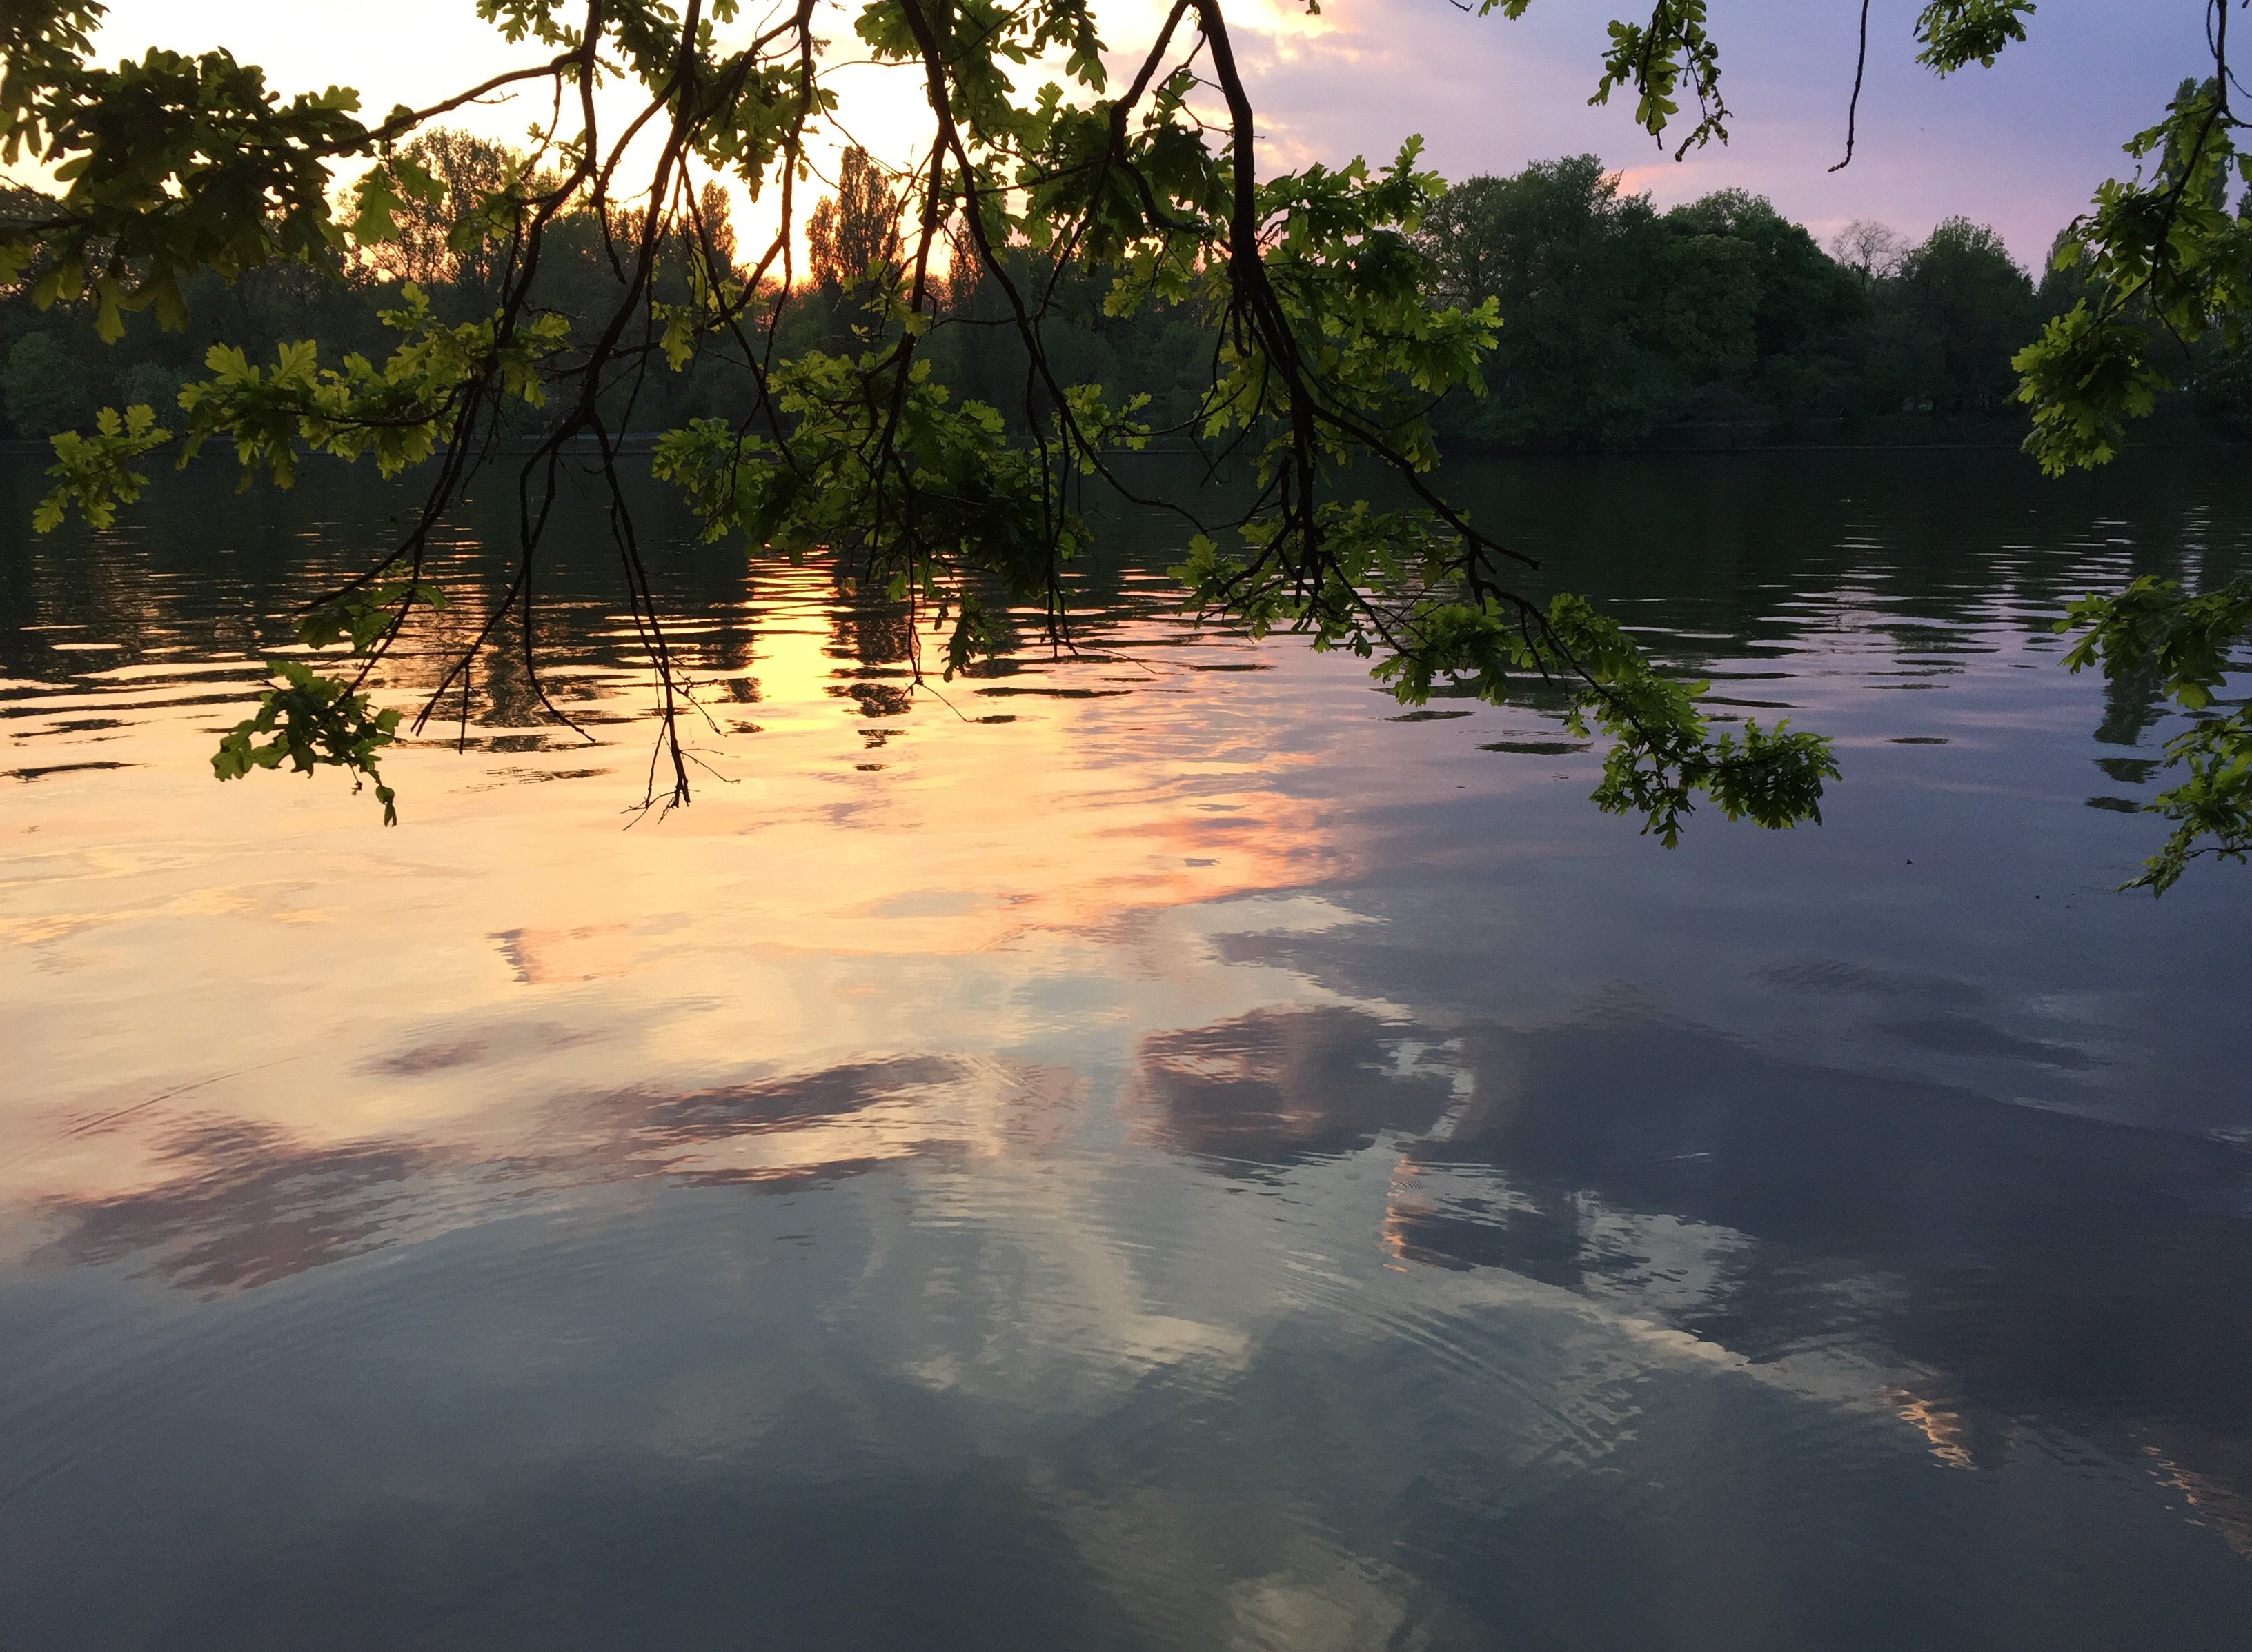 lac herastrau foto lucian muntean